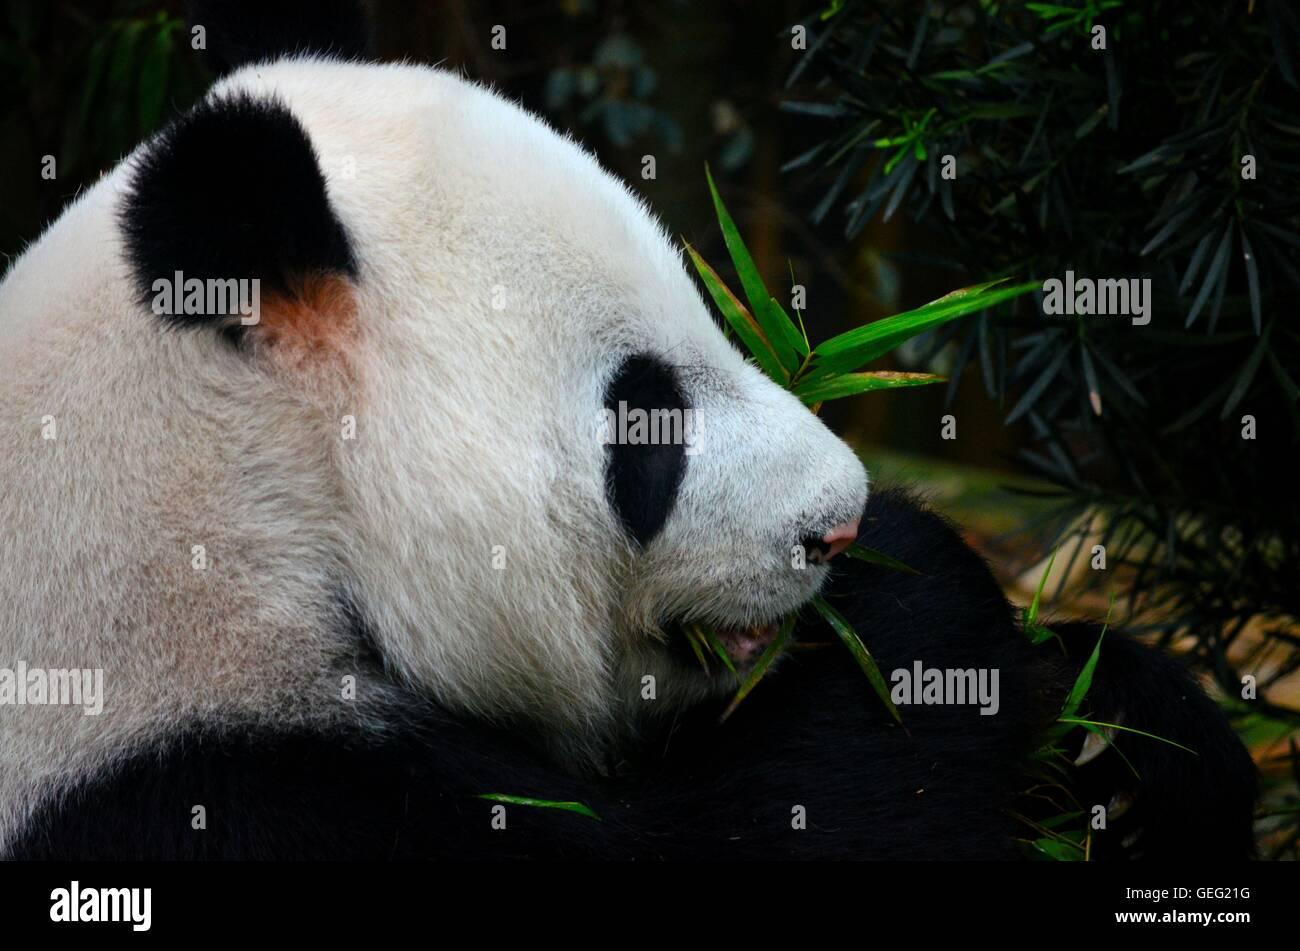 Nahaufnahme von Schwarz und weiß Pandabär isst und kaut Grünpflanzen Stockbild